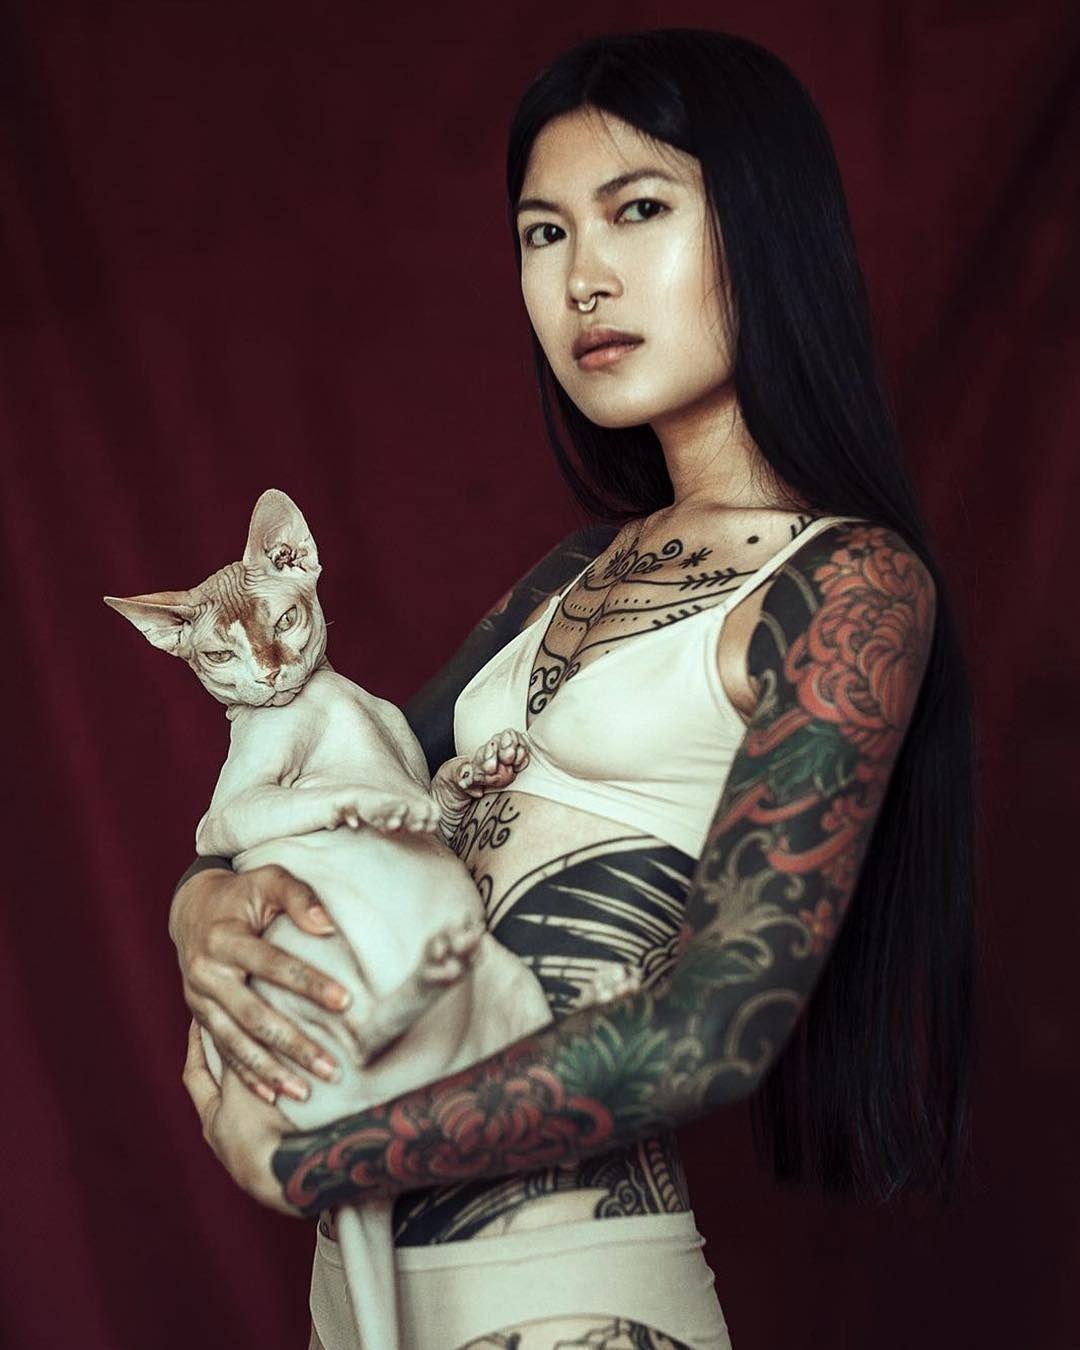 Новости Тату якудза, Традиционные японские татуировки